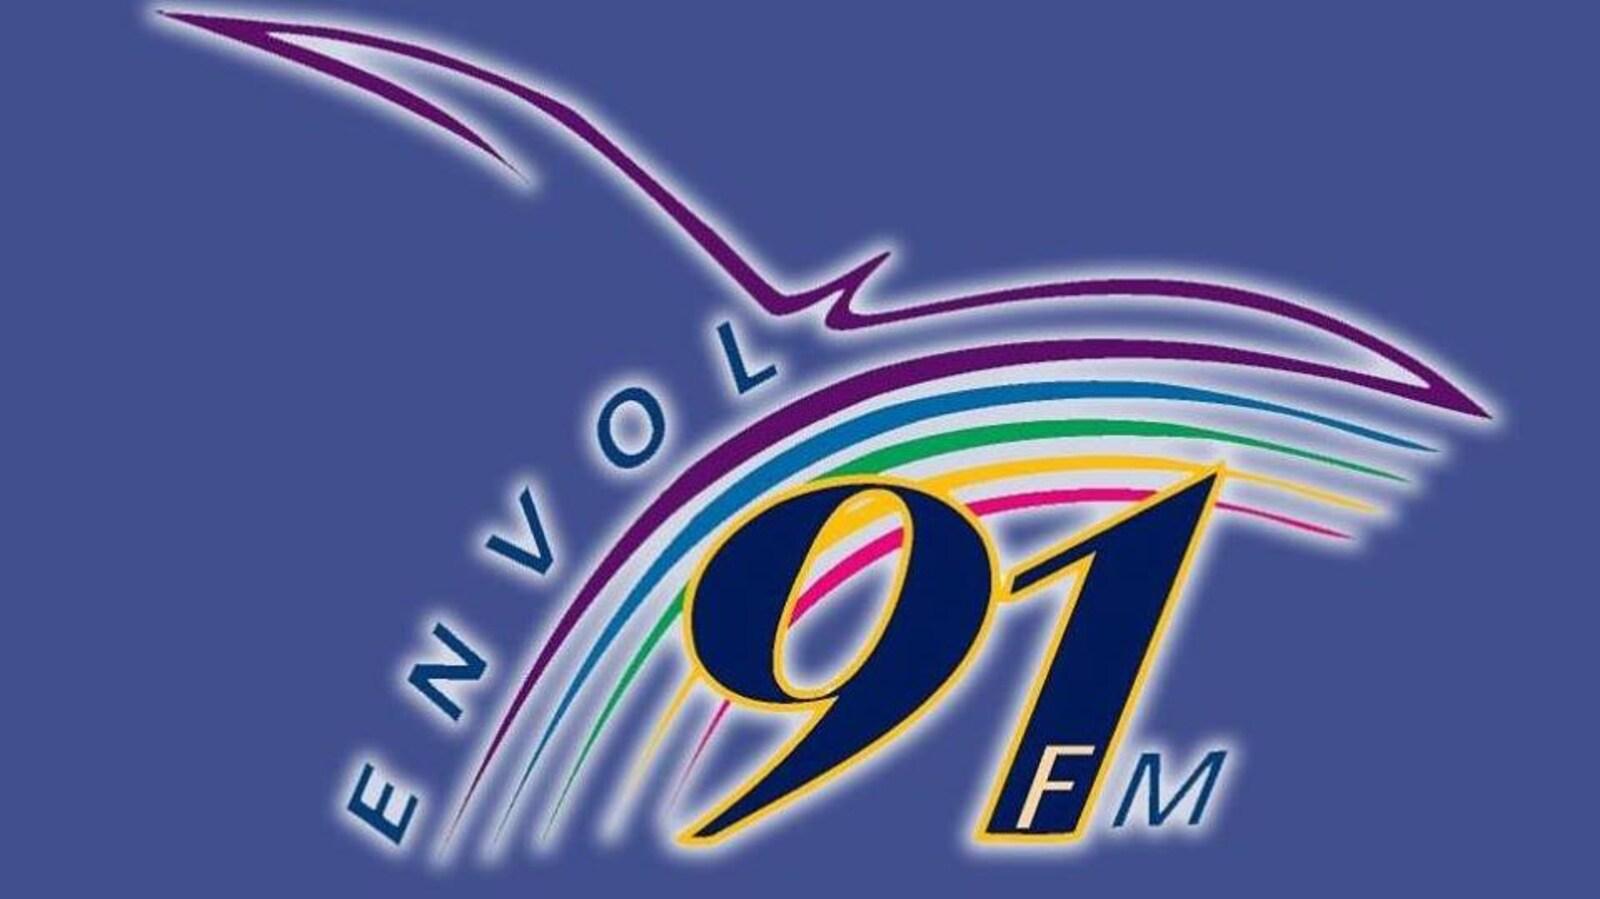 Le logo de la radio Envol 91,1 FM